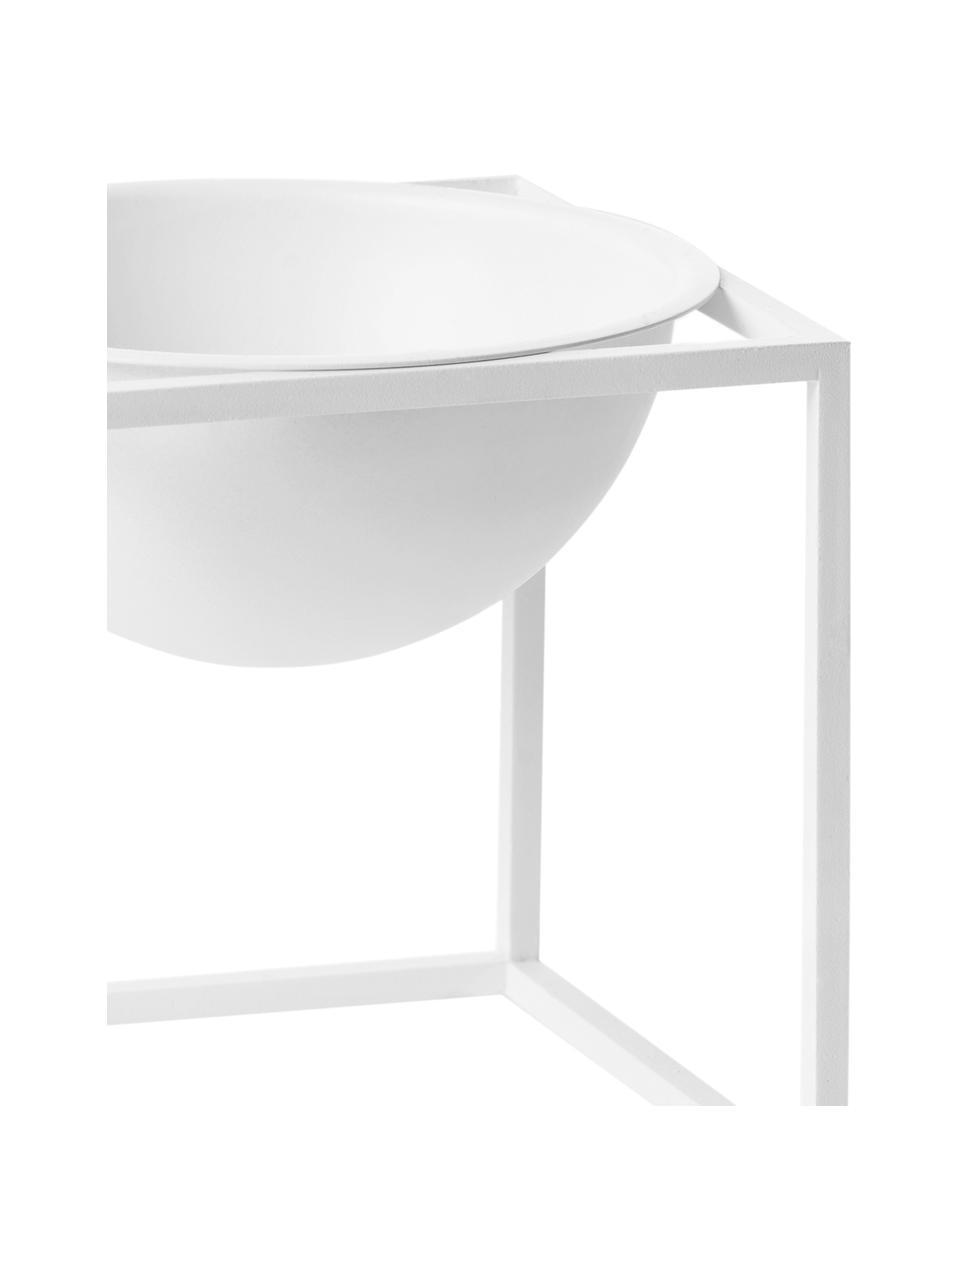 Schale Kubus, Stahl, lackiert, Weiß, 14 x 14 cm